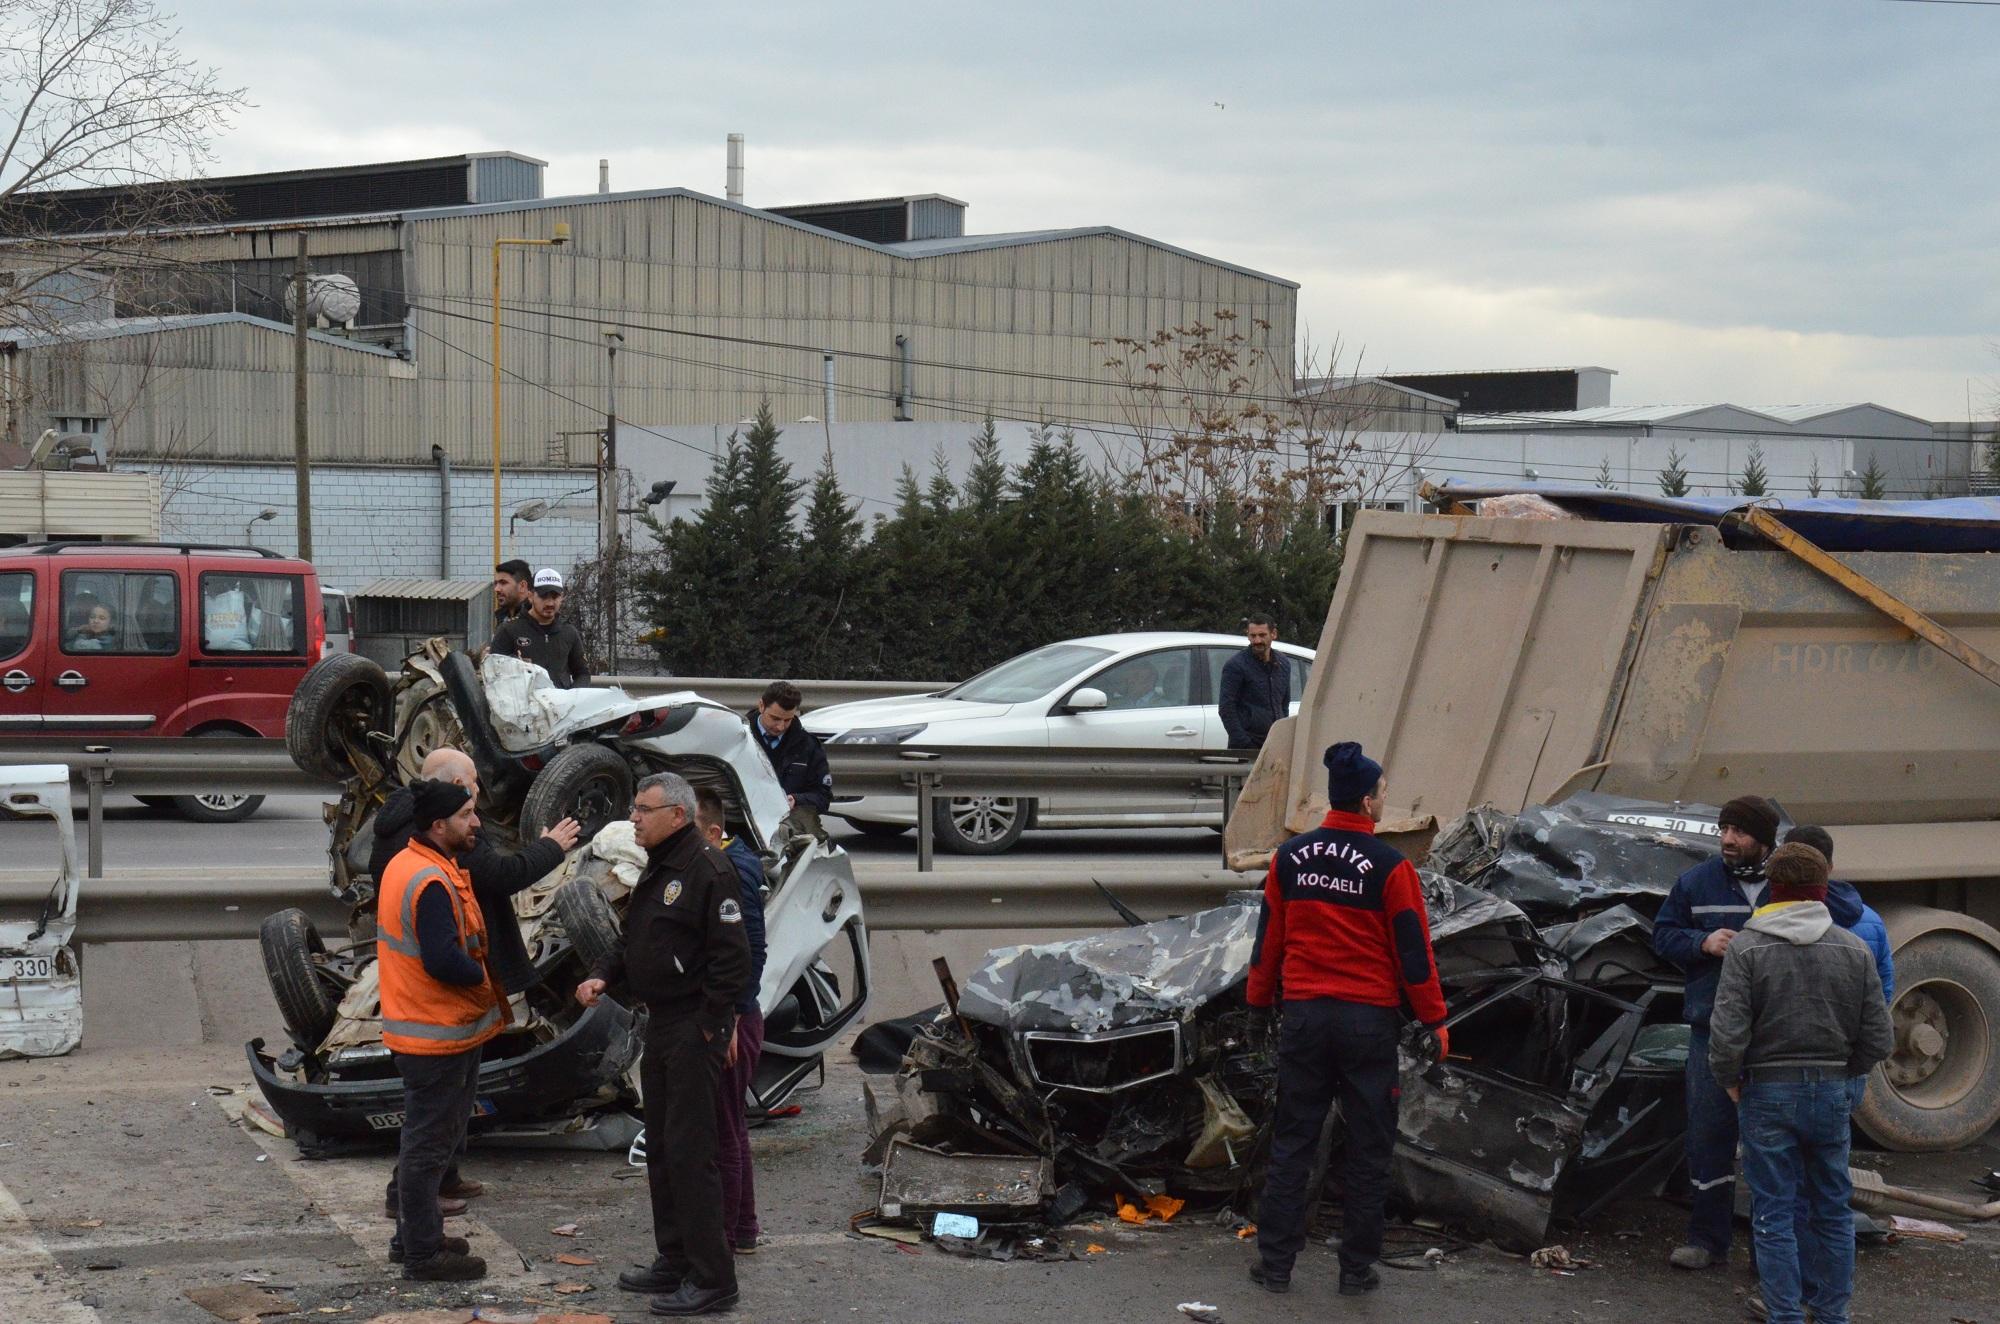 Gebze'de kamyon dehşeti: 1 ölü, 18 yaralı